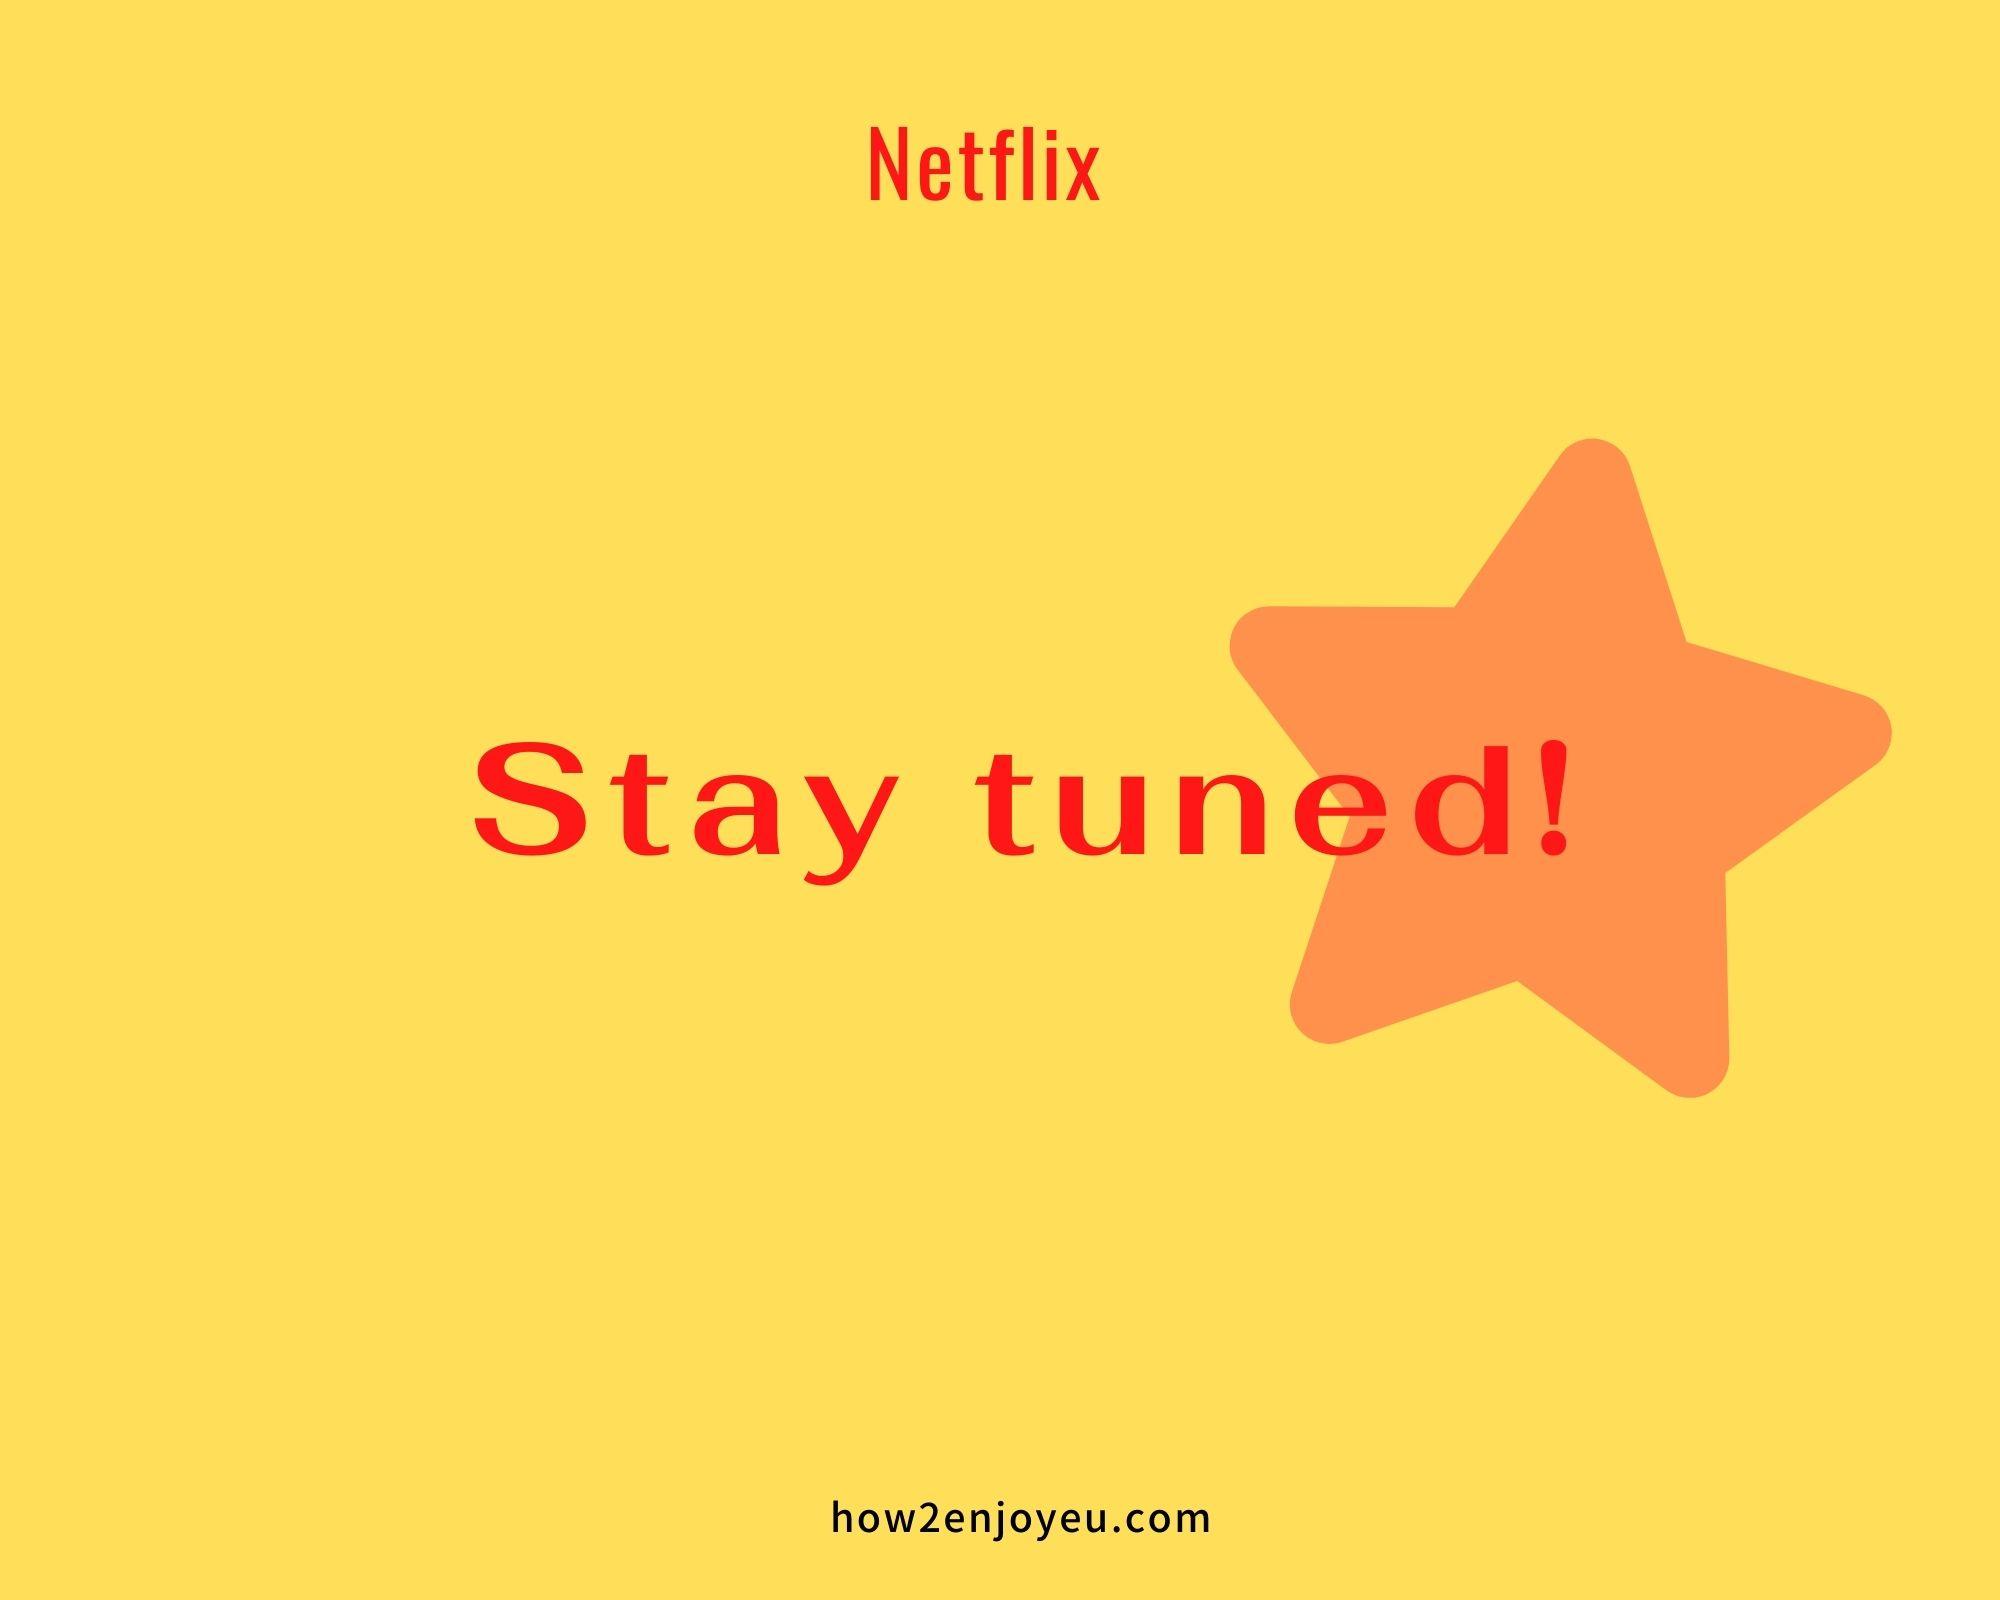 ネットフリックス『チャンネルはそのまま!』【ドイツで日本制作の作品だけをNetflixで観る1週間】